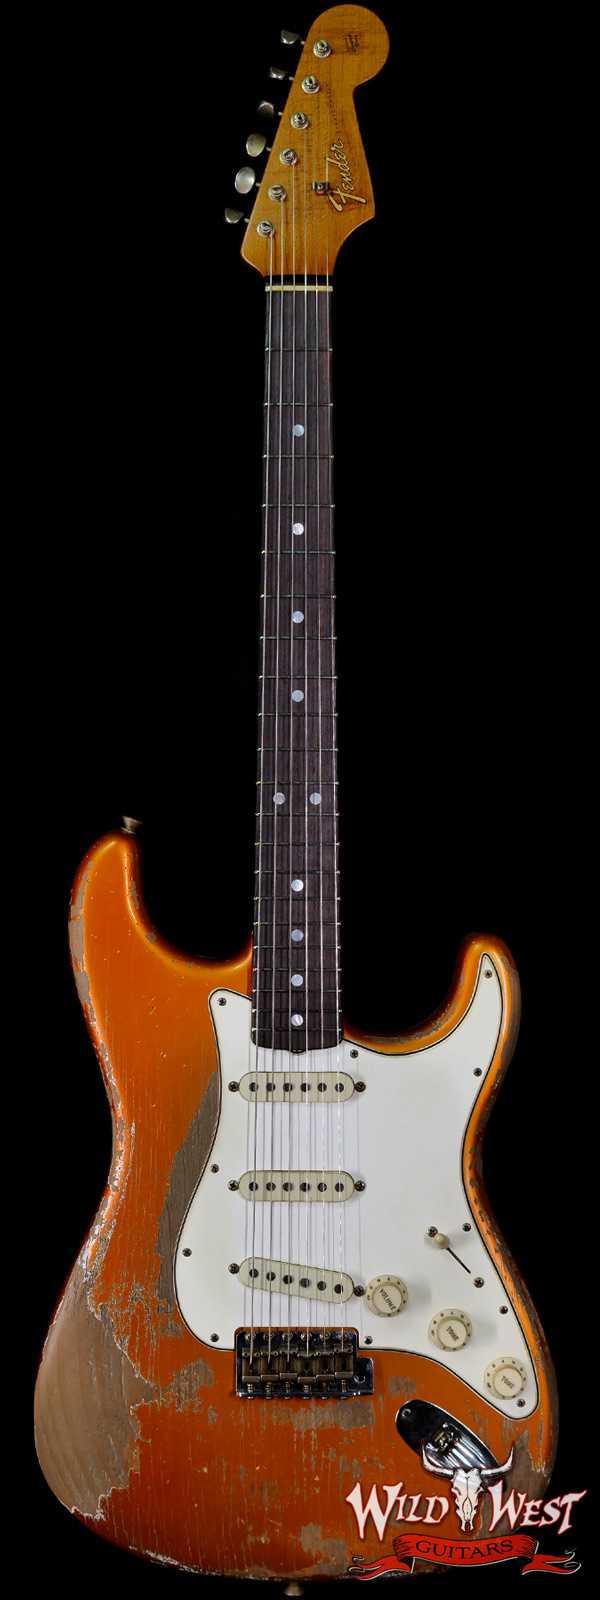 Fender Custom Shop Greg Fessler Masterbuilt 1965 Roasted Stratocaster Josefina H/W Pickups Heavy Relic Candy Tangerine